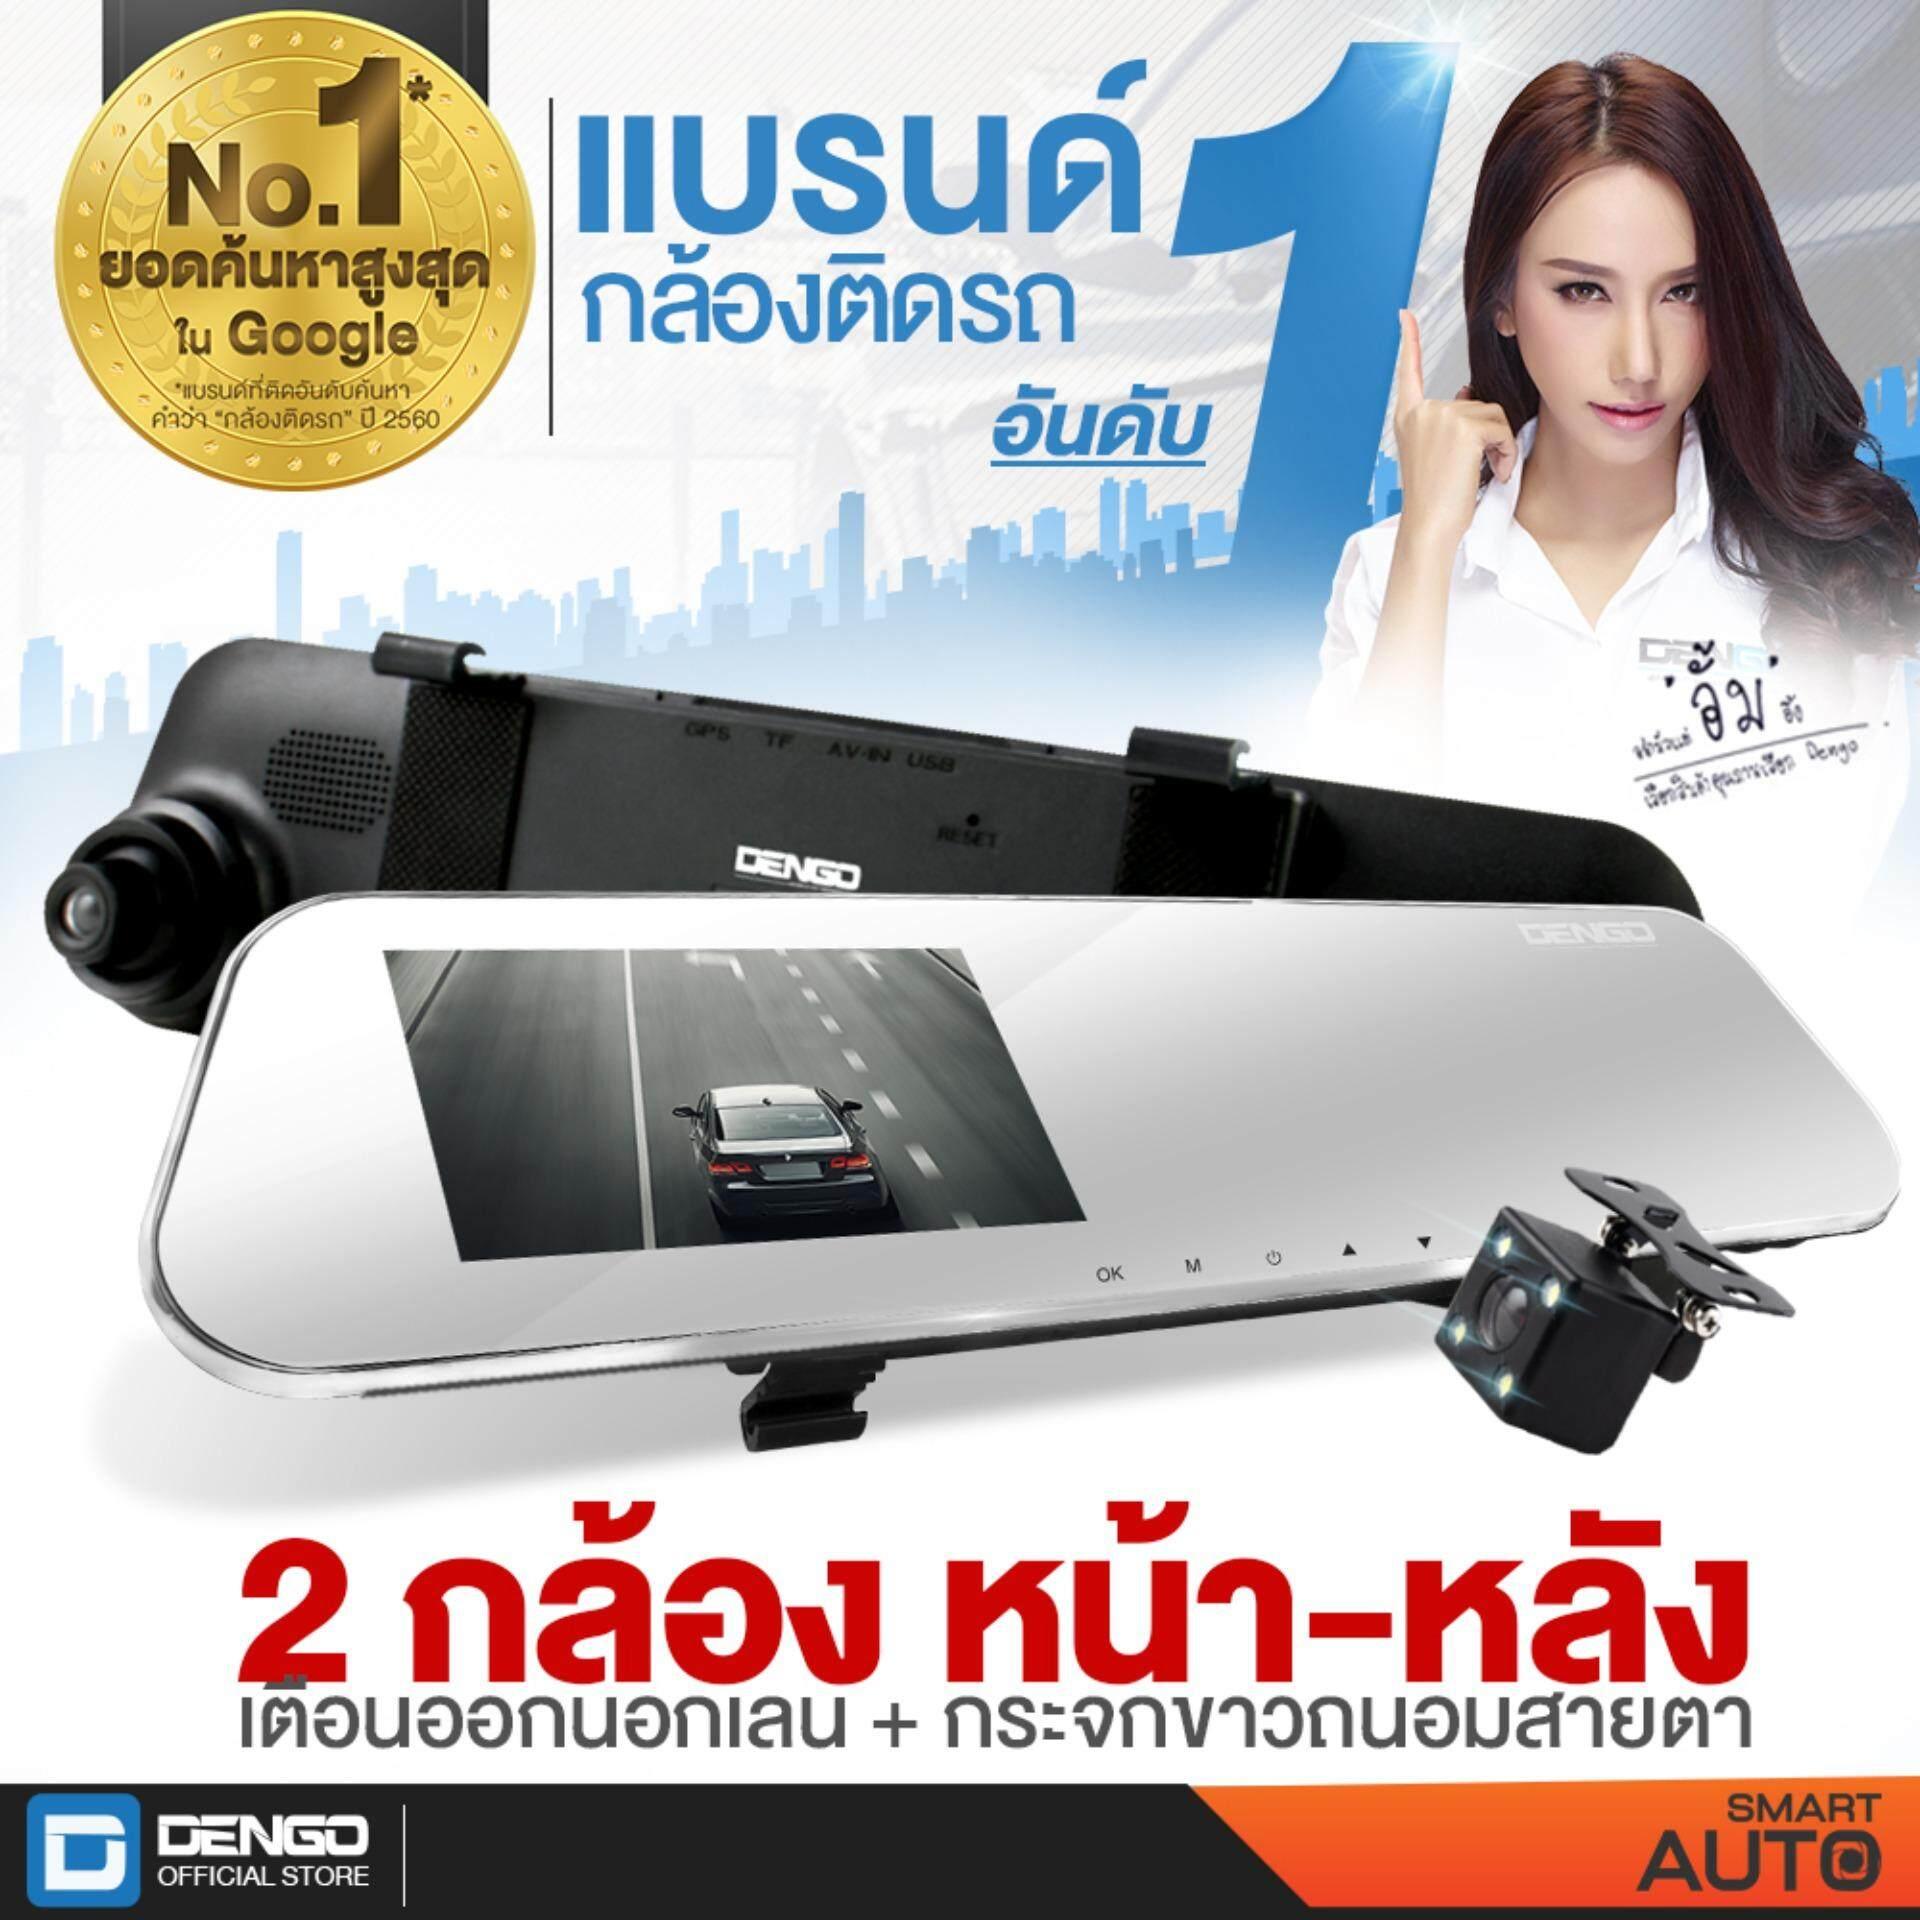 DENGO Smart Auto (Silver) กล้องติดรถยนต์ 2 กล้องหน้า-หลัง เตือนออกนอกเลน เพิ่มความปลอดภัย กระจกขาวใส ไม่ทำร้ายสายตา